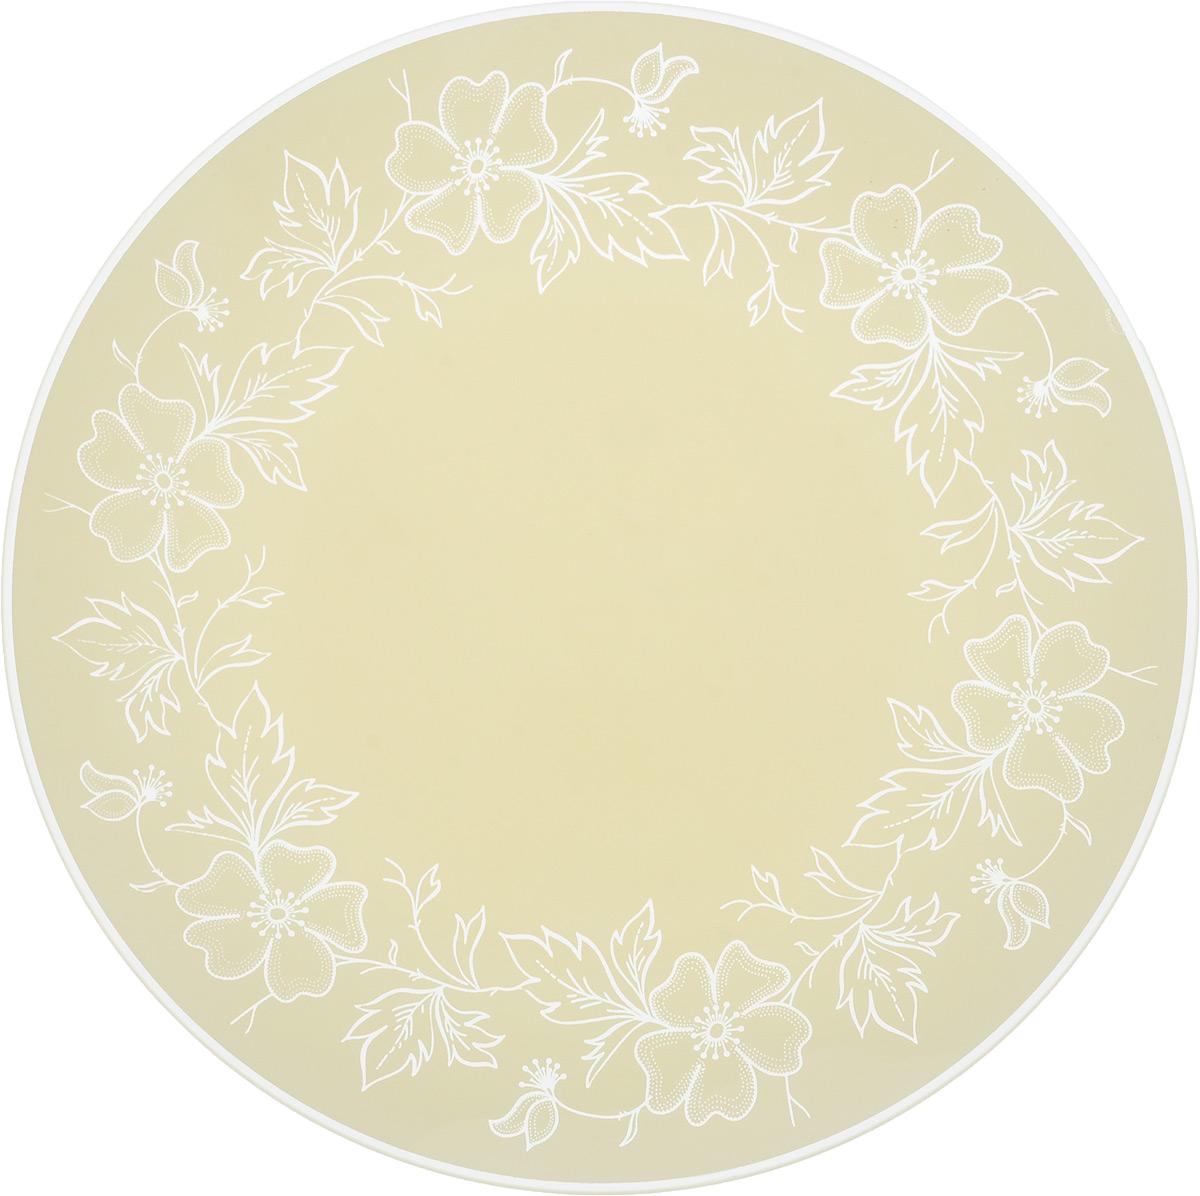 Тарелка NiNaGlass Лара, цвет: кремовый, диаметр 26 см85-260-075/белТарелка NiNaGlass Лара выполнена из высококачественного стекла и оформлена красивым цветочным узором. Тарелка идеальна для подачи вторых блюд, а также сервировки закусок, нарезок, салатов, овощей и фруктов. Она отлично подойдет как для повседневных, так и для торжественных случаев.Такая тарелка прекрасно впишется в интерьер вашей кухни и станет достойным дополнением к кухонному инвентарю.